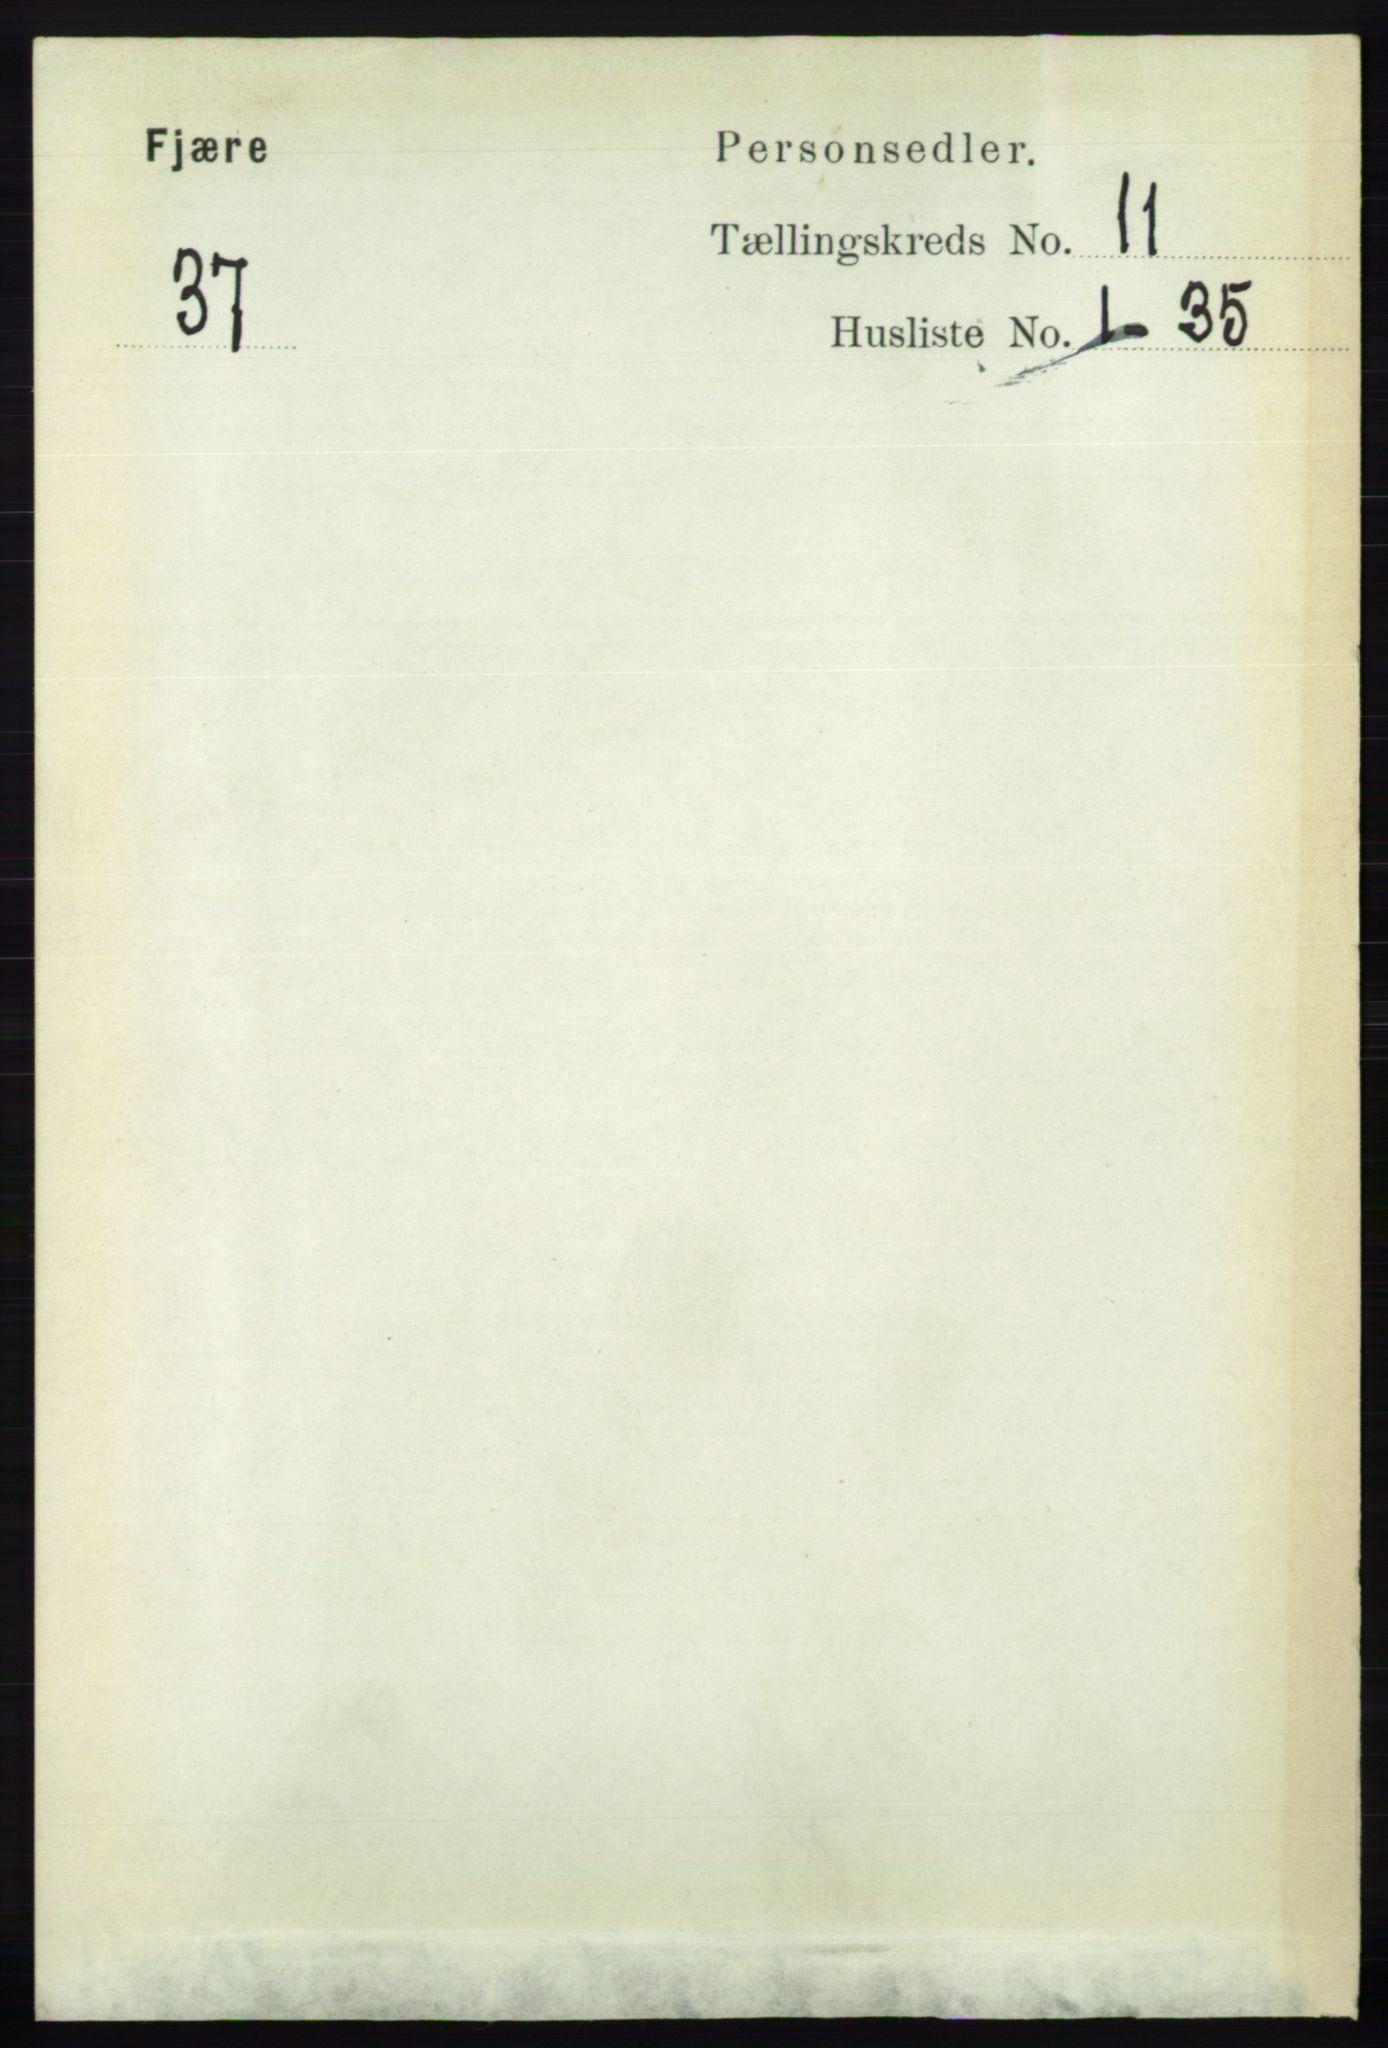 RA, Folketelling 1891 for 0923 Fjære herred, 1891, s. 5532